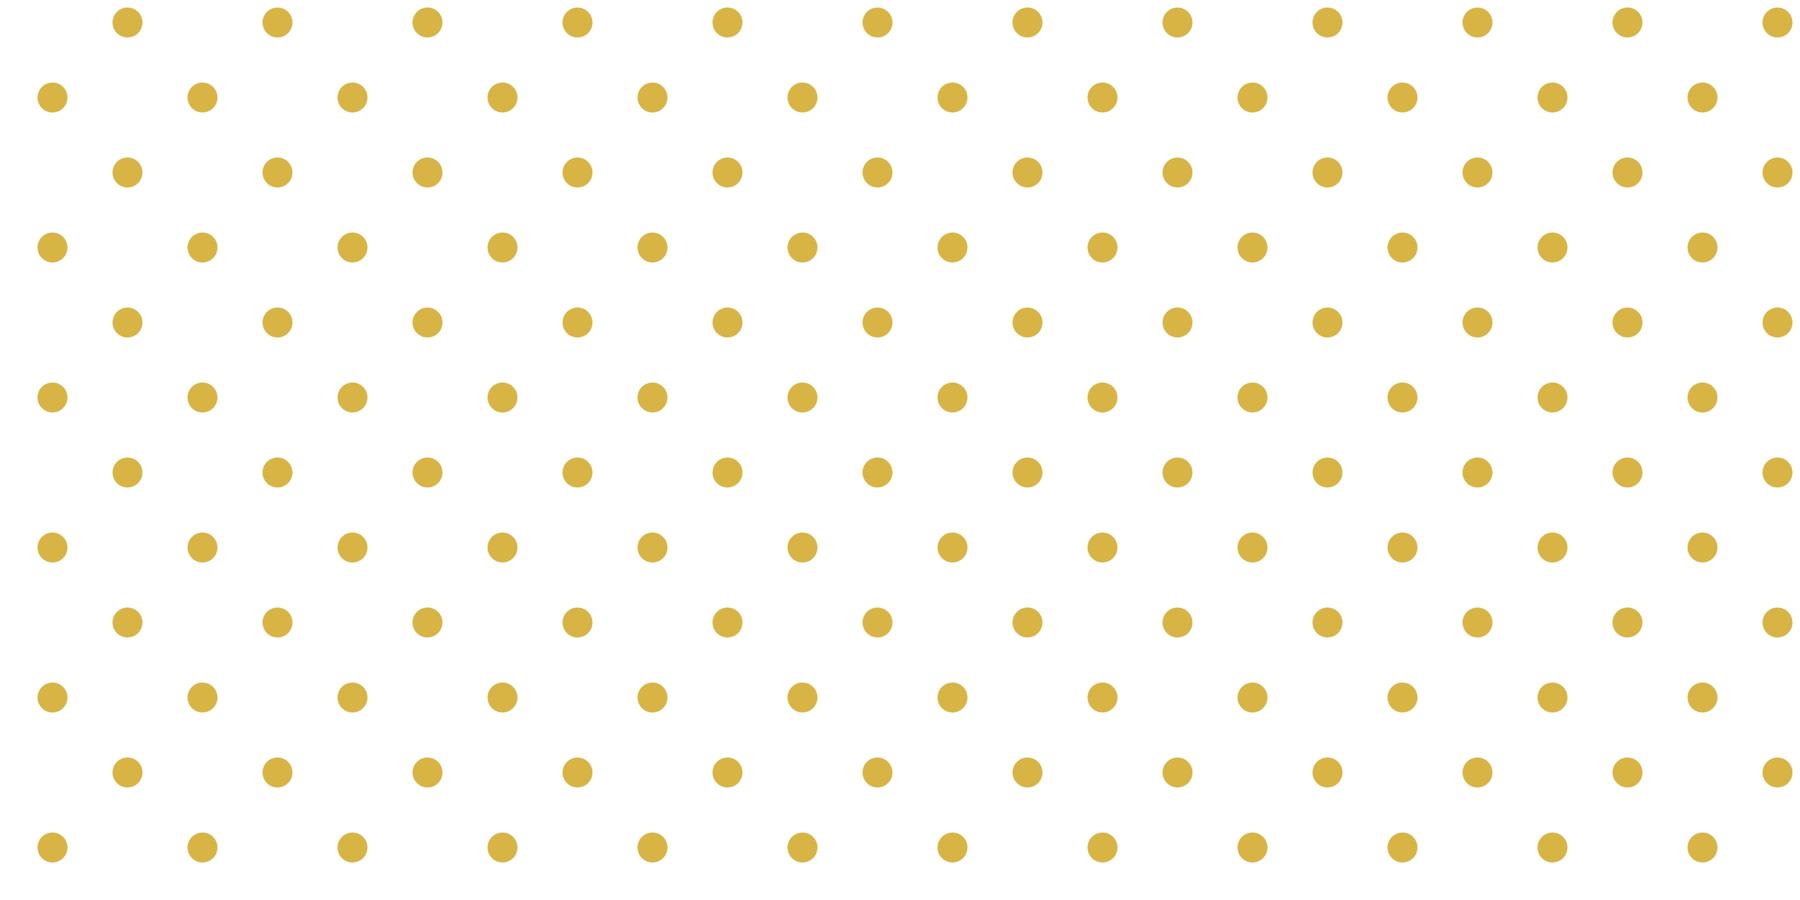 Gold polka dot desktop wallpaper for Polka dot wallpaper